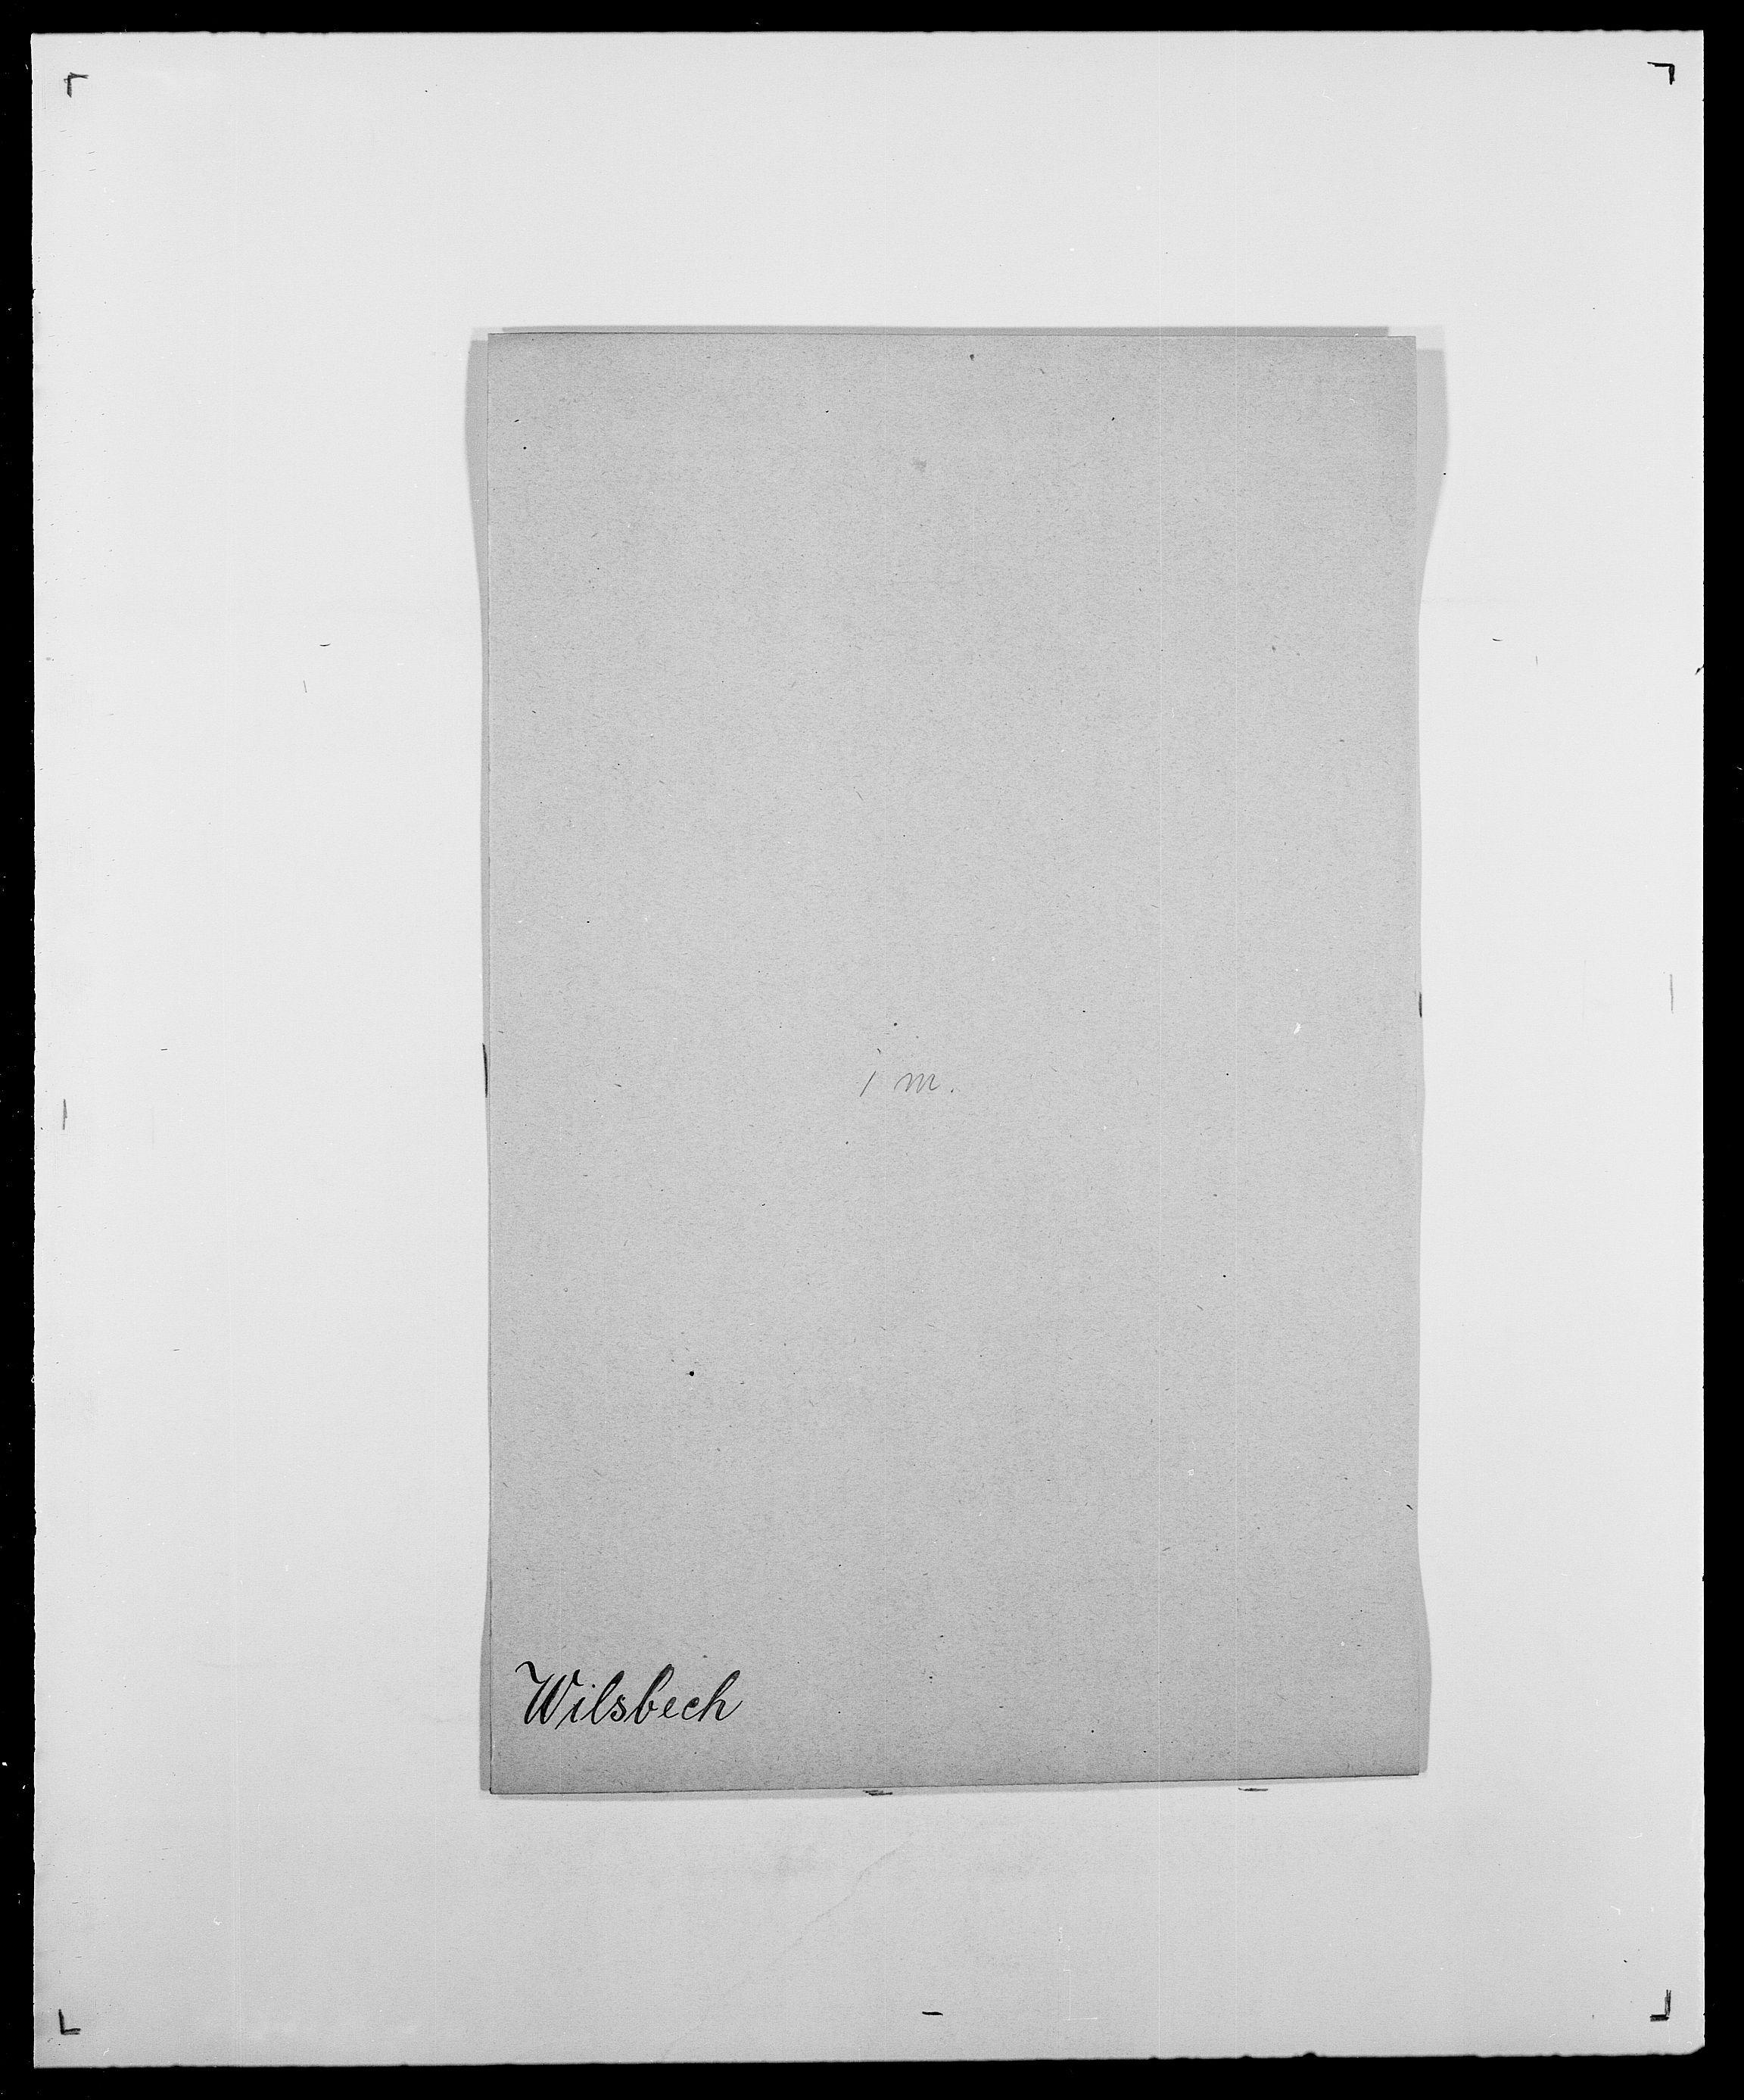 SAO, Delgobe, Charles Antoine - samling, D/Da/L0042: Vilain - Wulf, Wulff, se også Wolf, s. 112